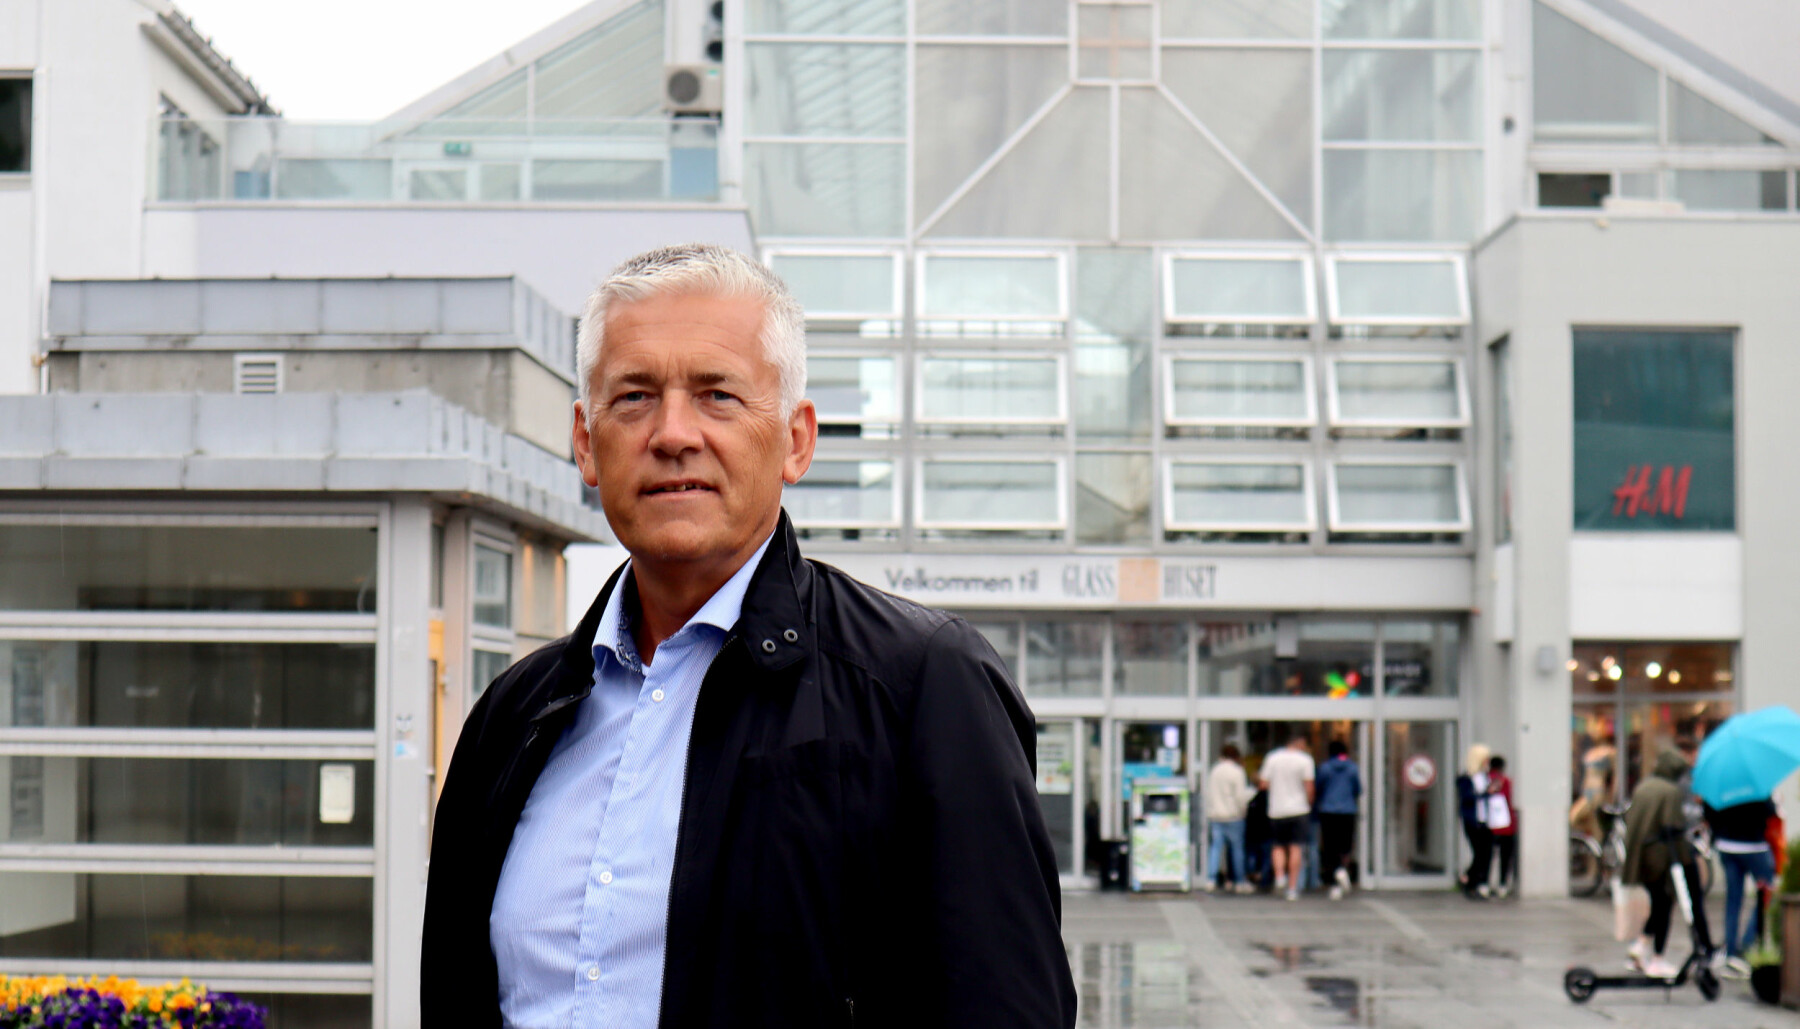 Kjell Hugvik har bodd i Bodø siden 1986, men har pendlet ut av byen for jobb i mange år. Nå vender han blikket hjemover for å bli kommunedirektør.